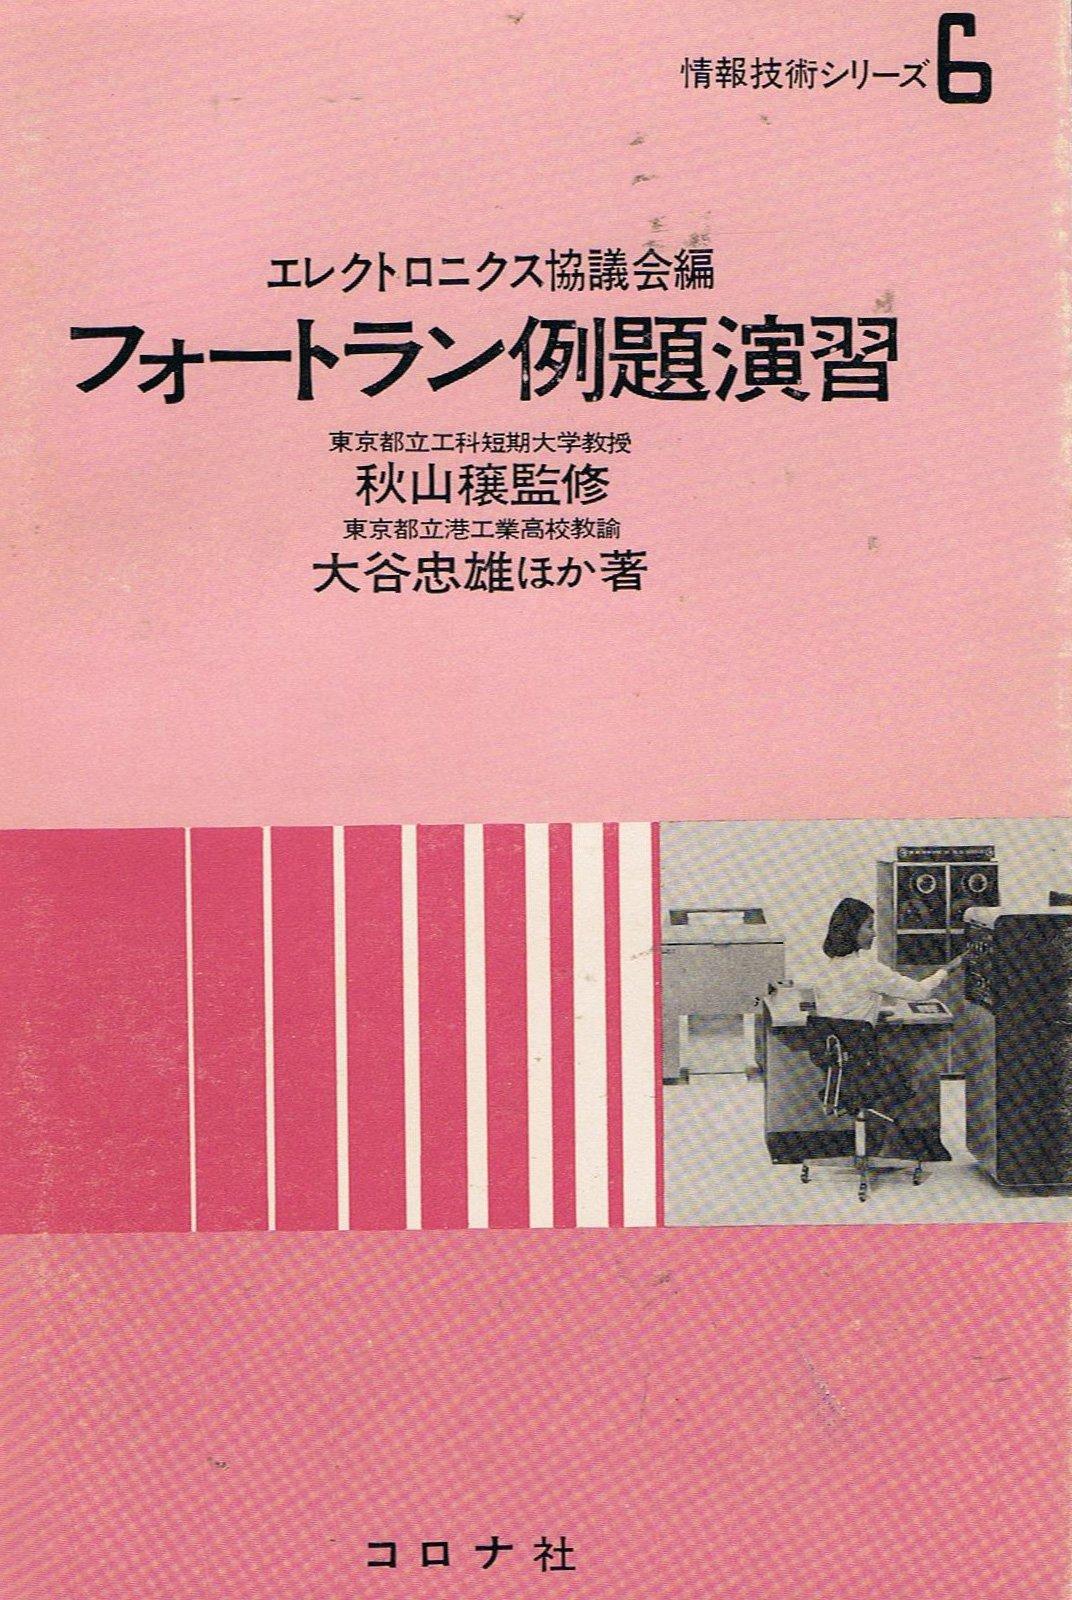 フォートラン例題演習 (1973年) ...